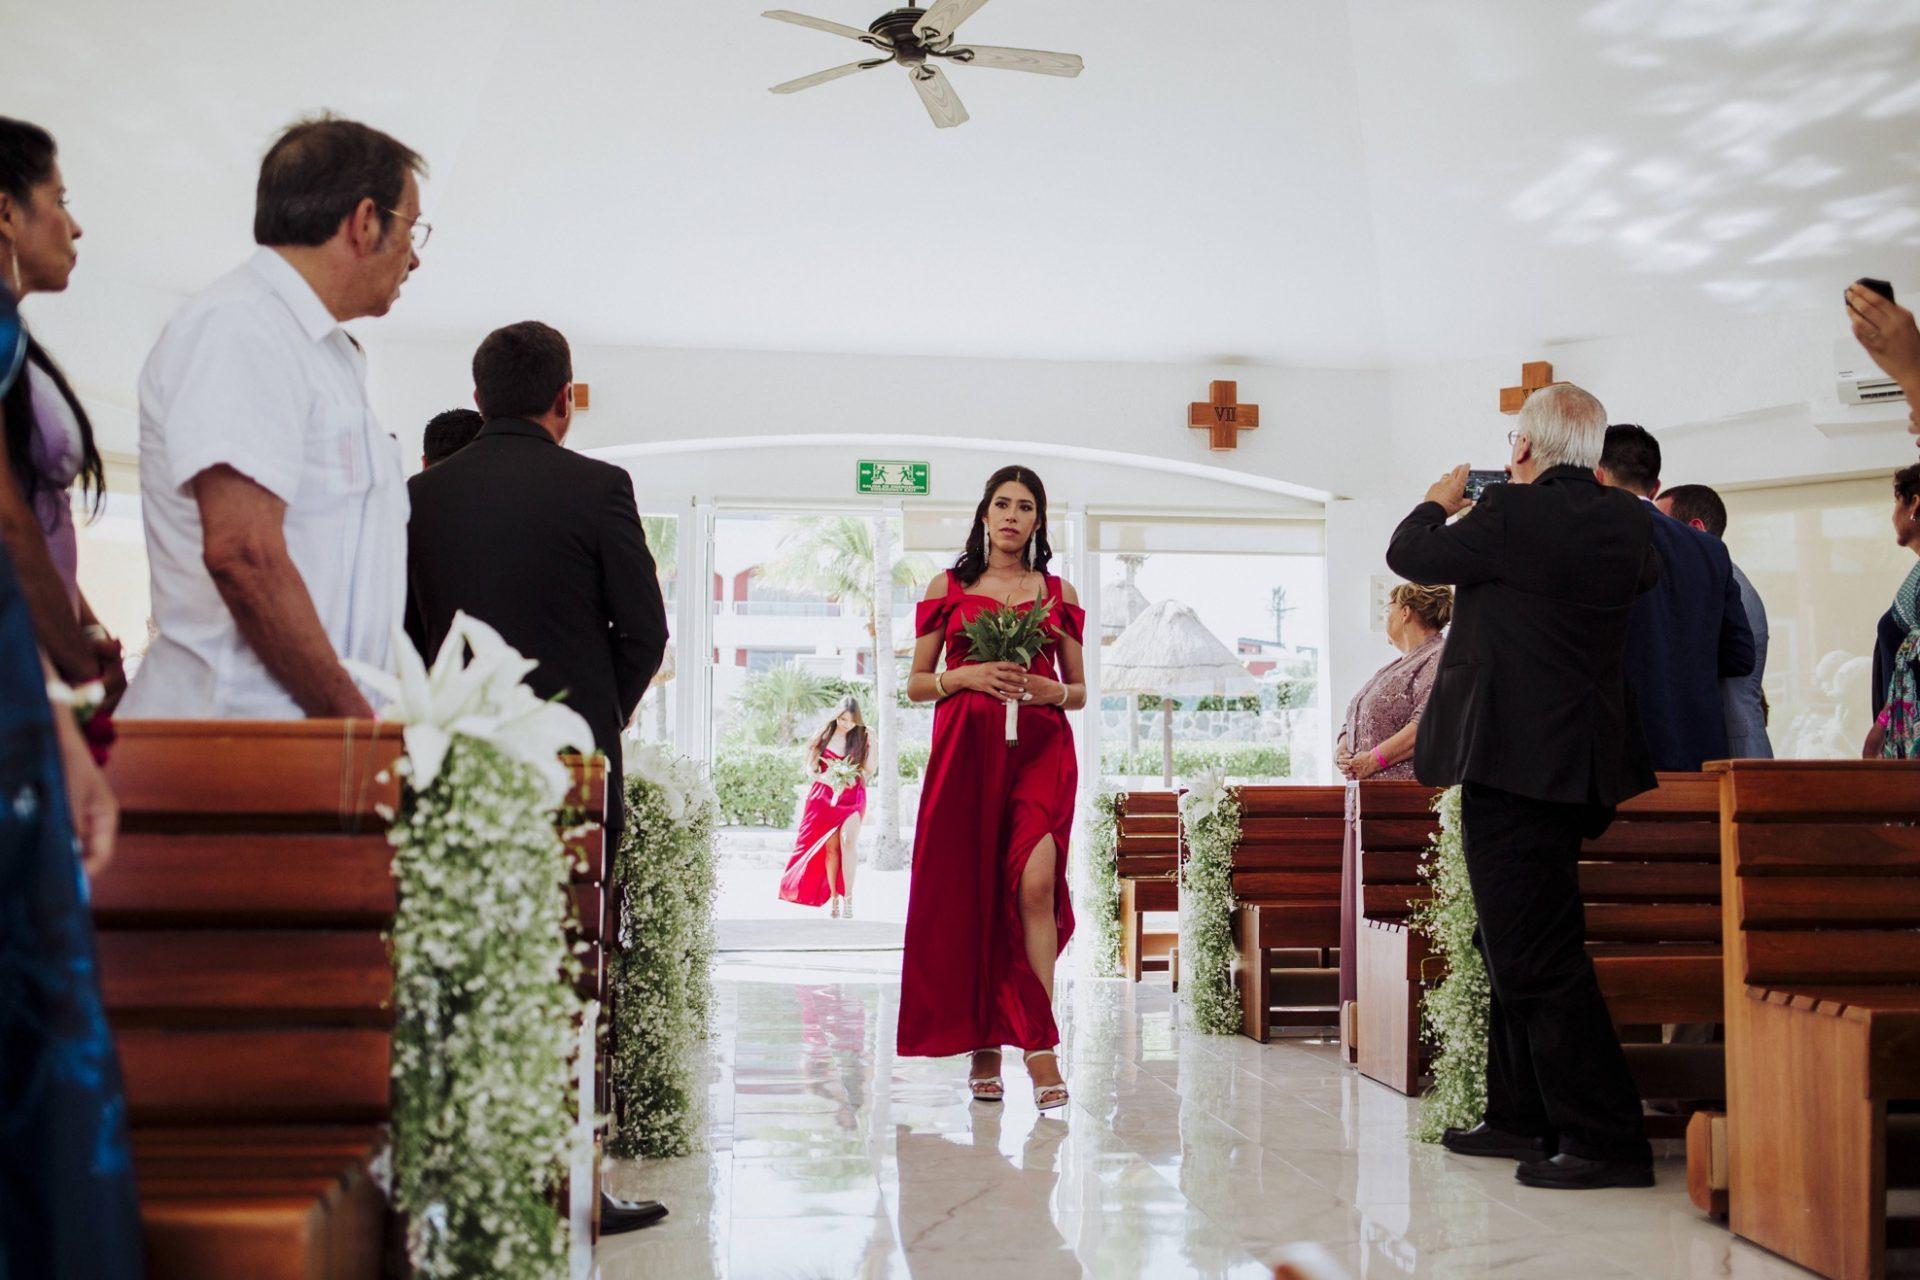 fotografo_bodas_profesional_zacatecas_riviera_maya_cancun-218